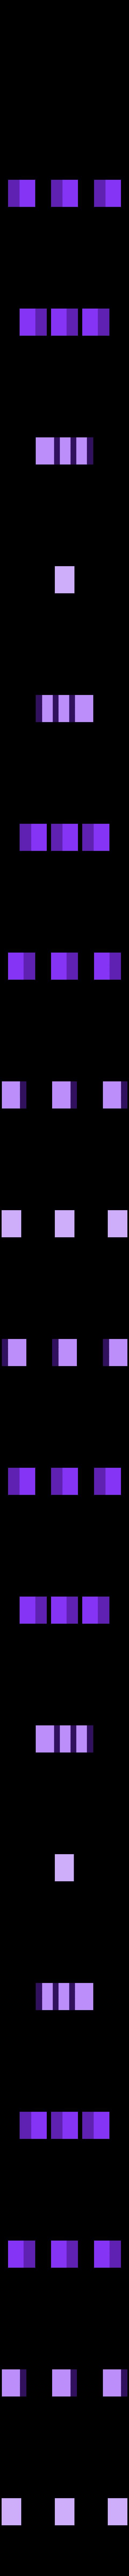 mushroom_pins.stl Télécharger fichier STL gratuit La Chenille • Modèle pour imprimante 3D, reddadsteve